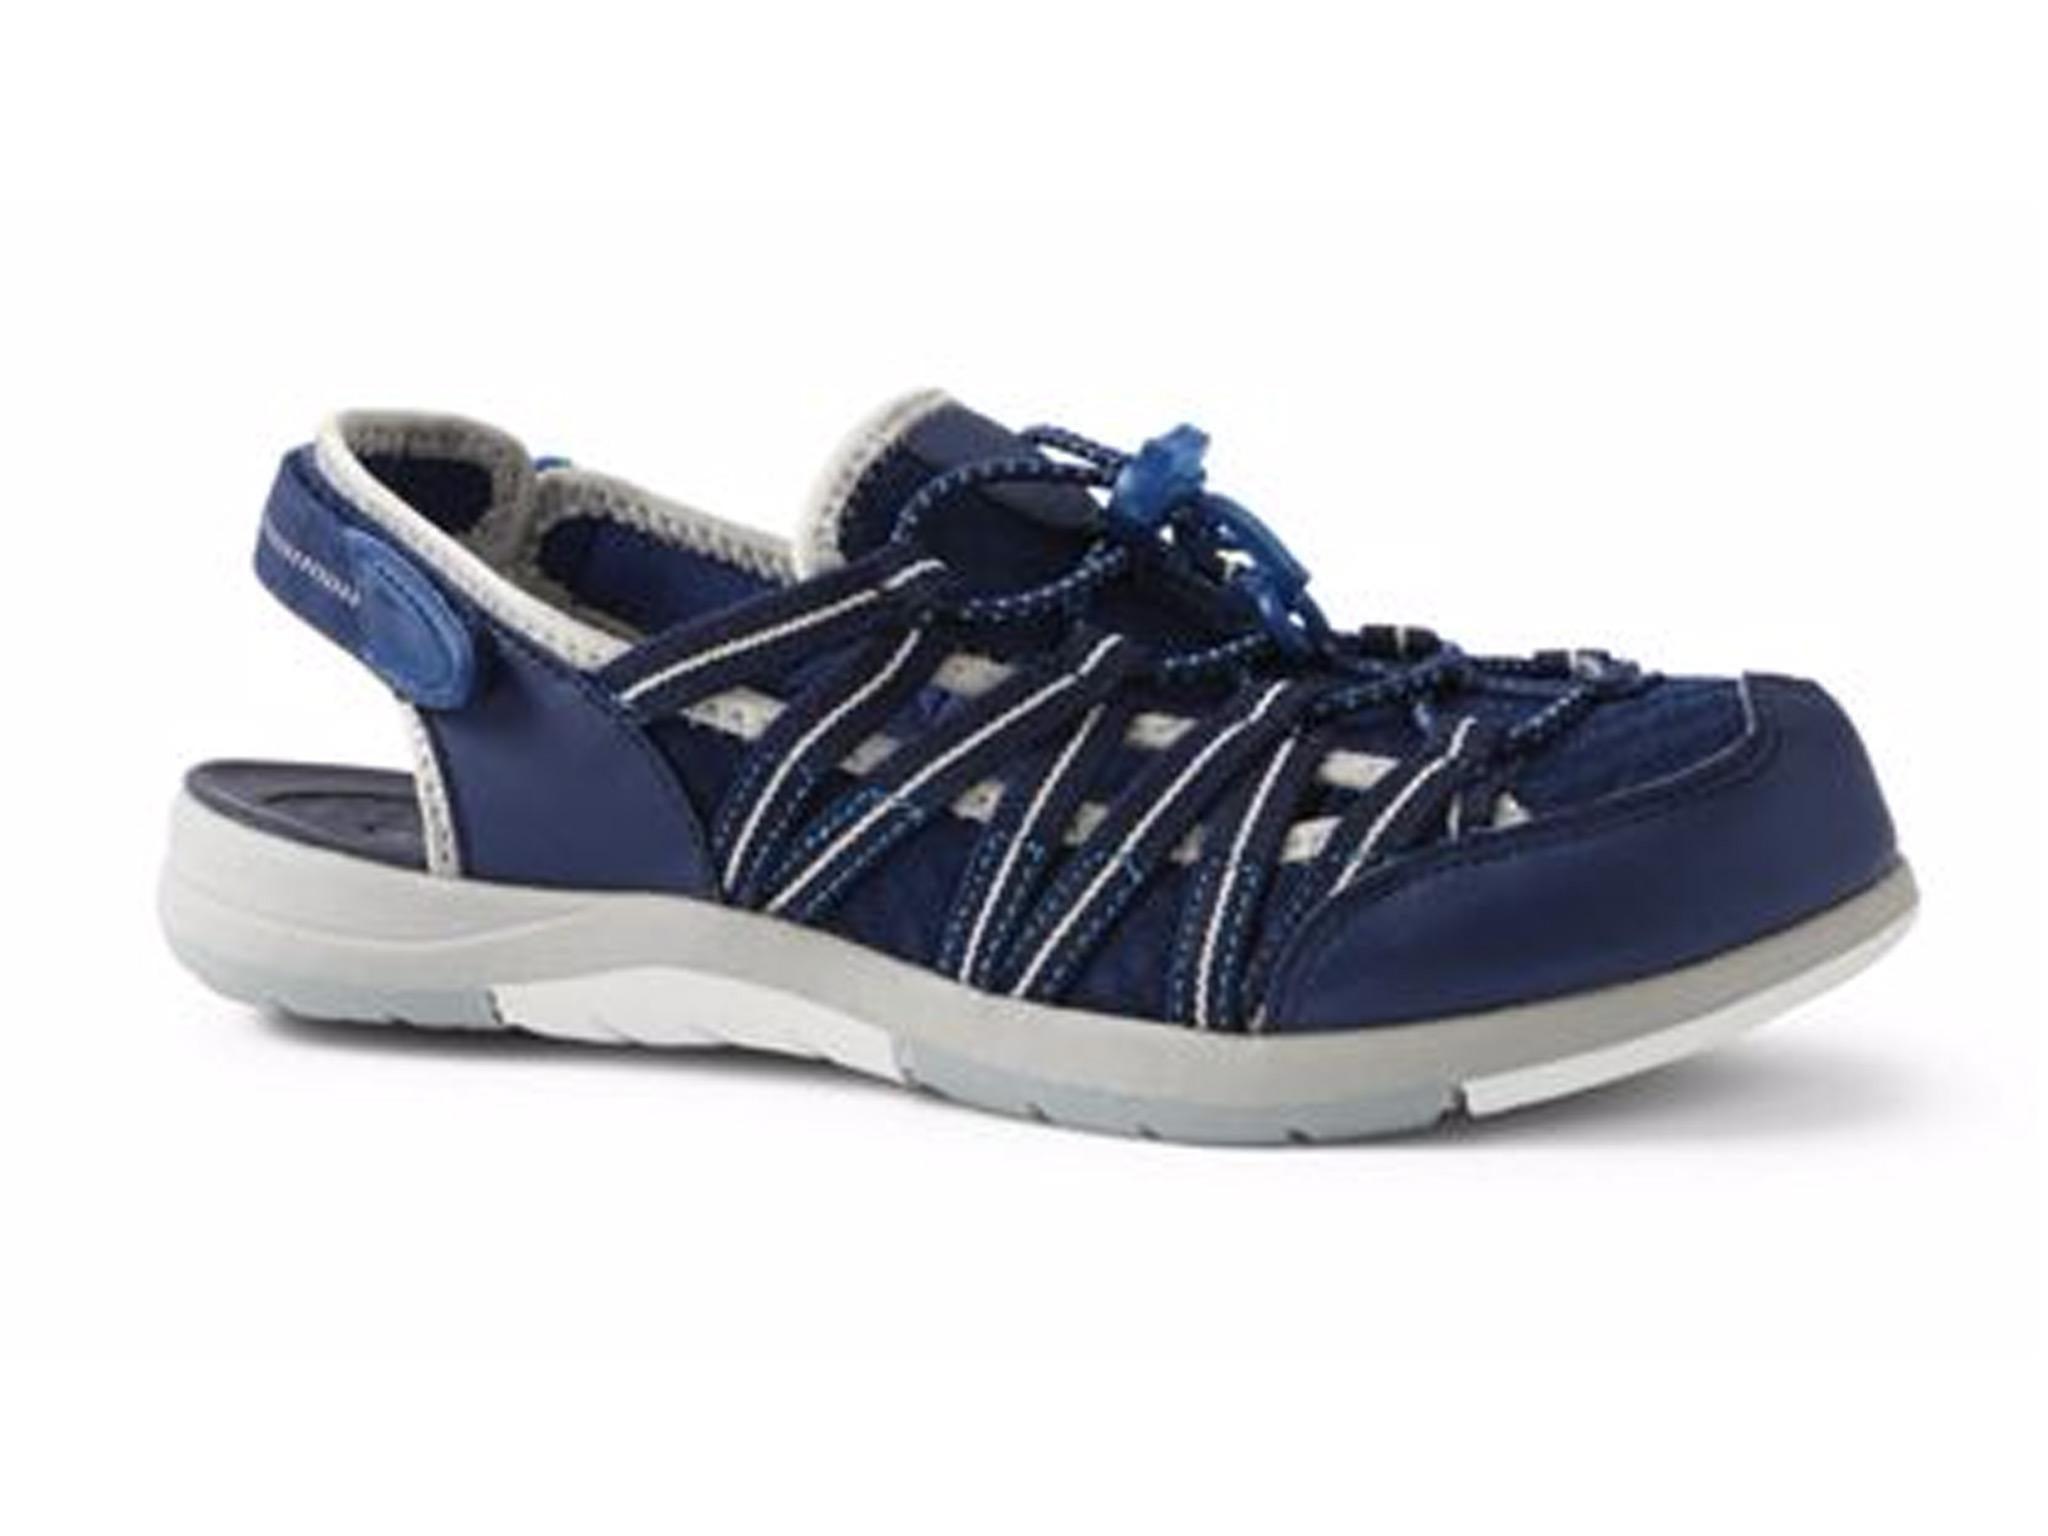 Womens Regular Water Sandals - 7 - BLUE Lands End Bp4grQAD